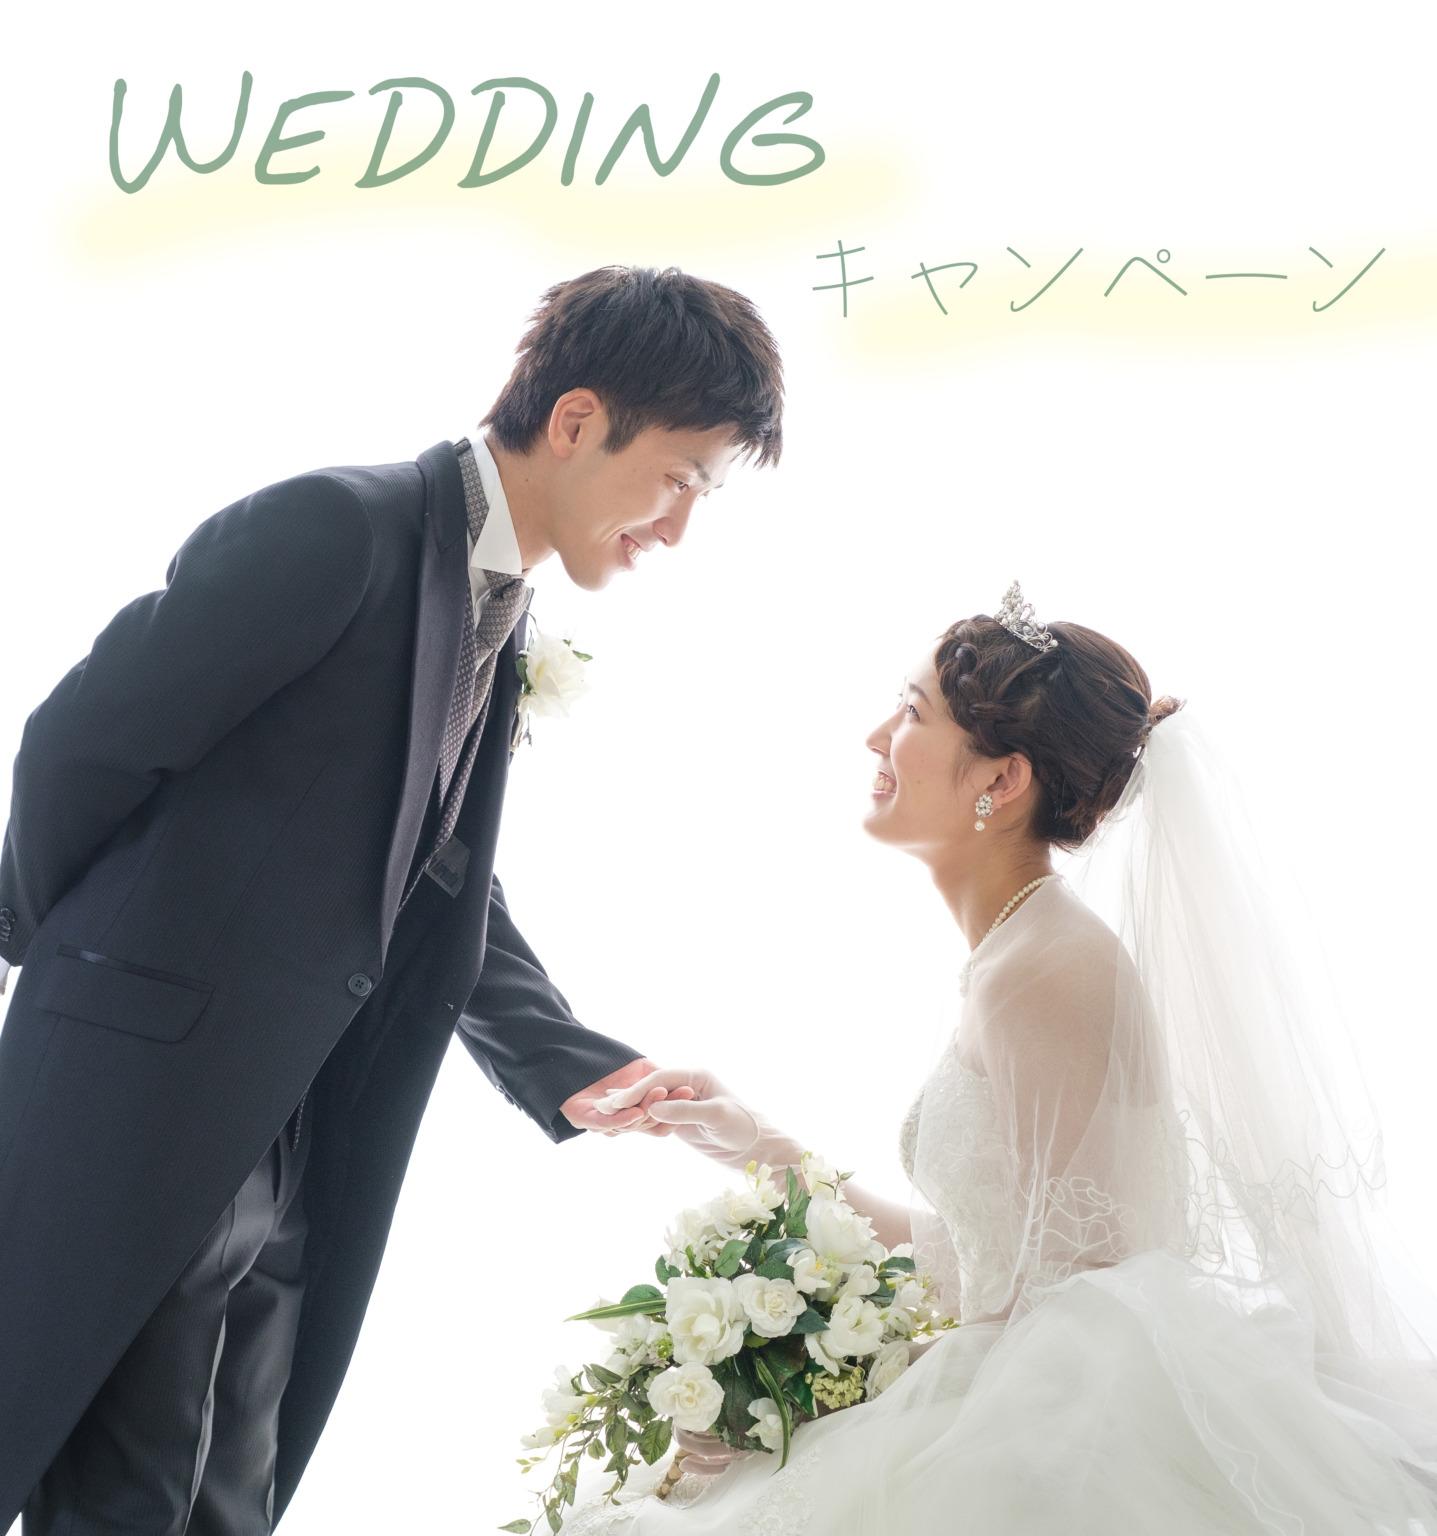 ウエディング 婚礼 キャンペーン WD